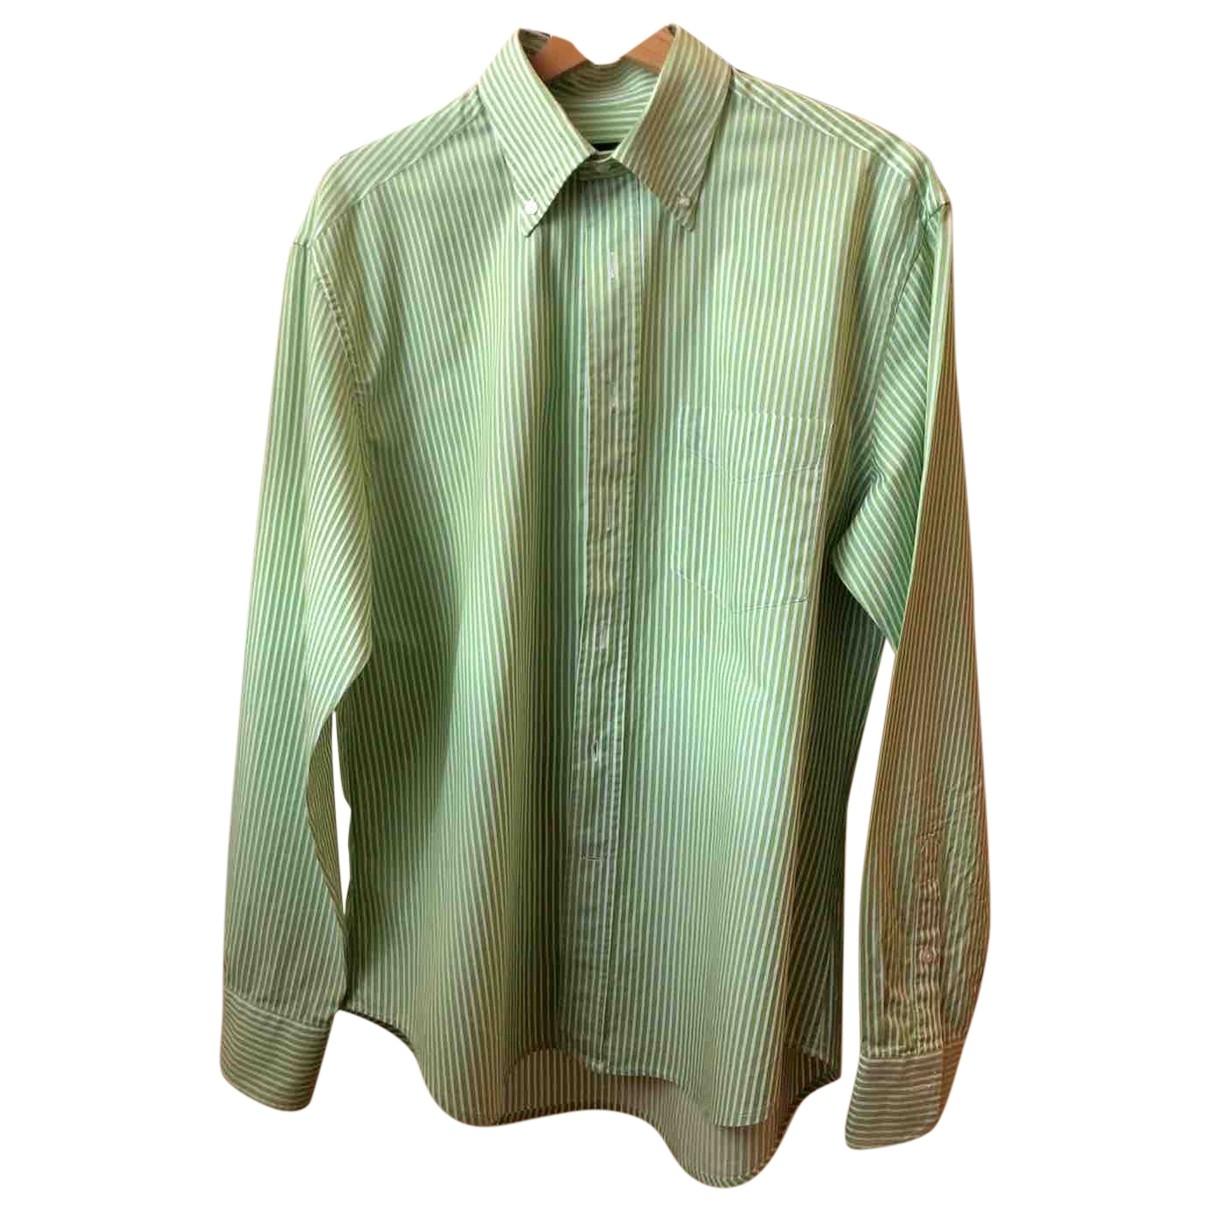 Corneliani \N Hemden in  Gruen Baumwolle